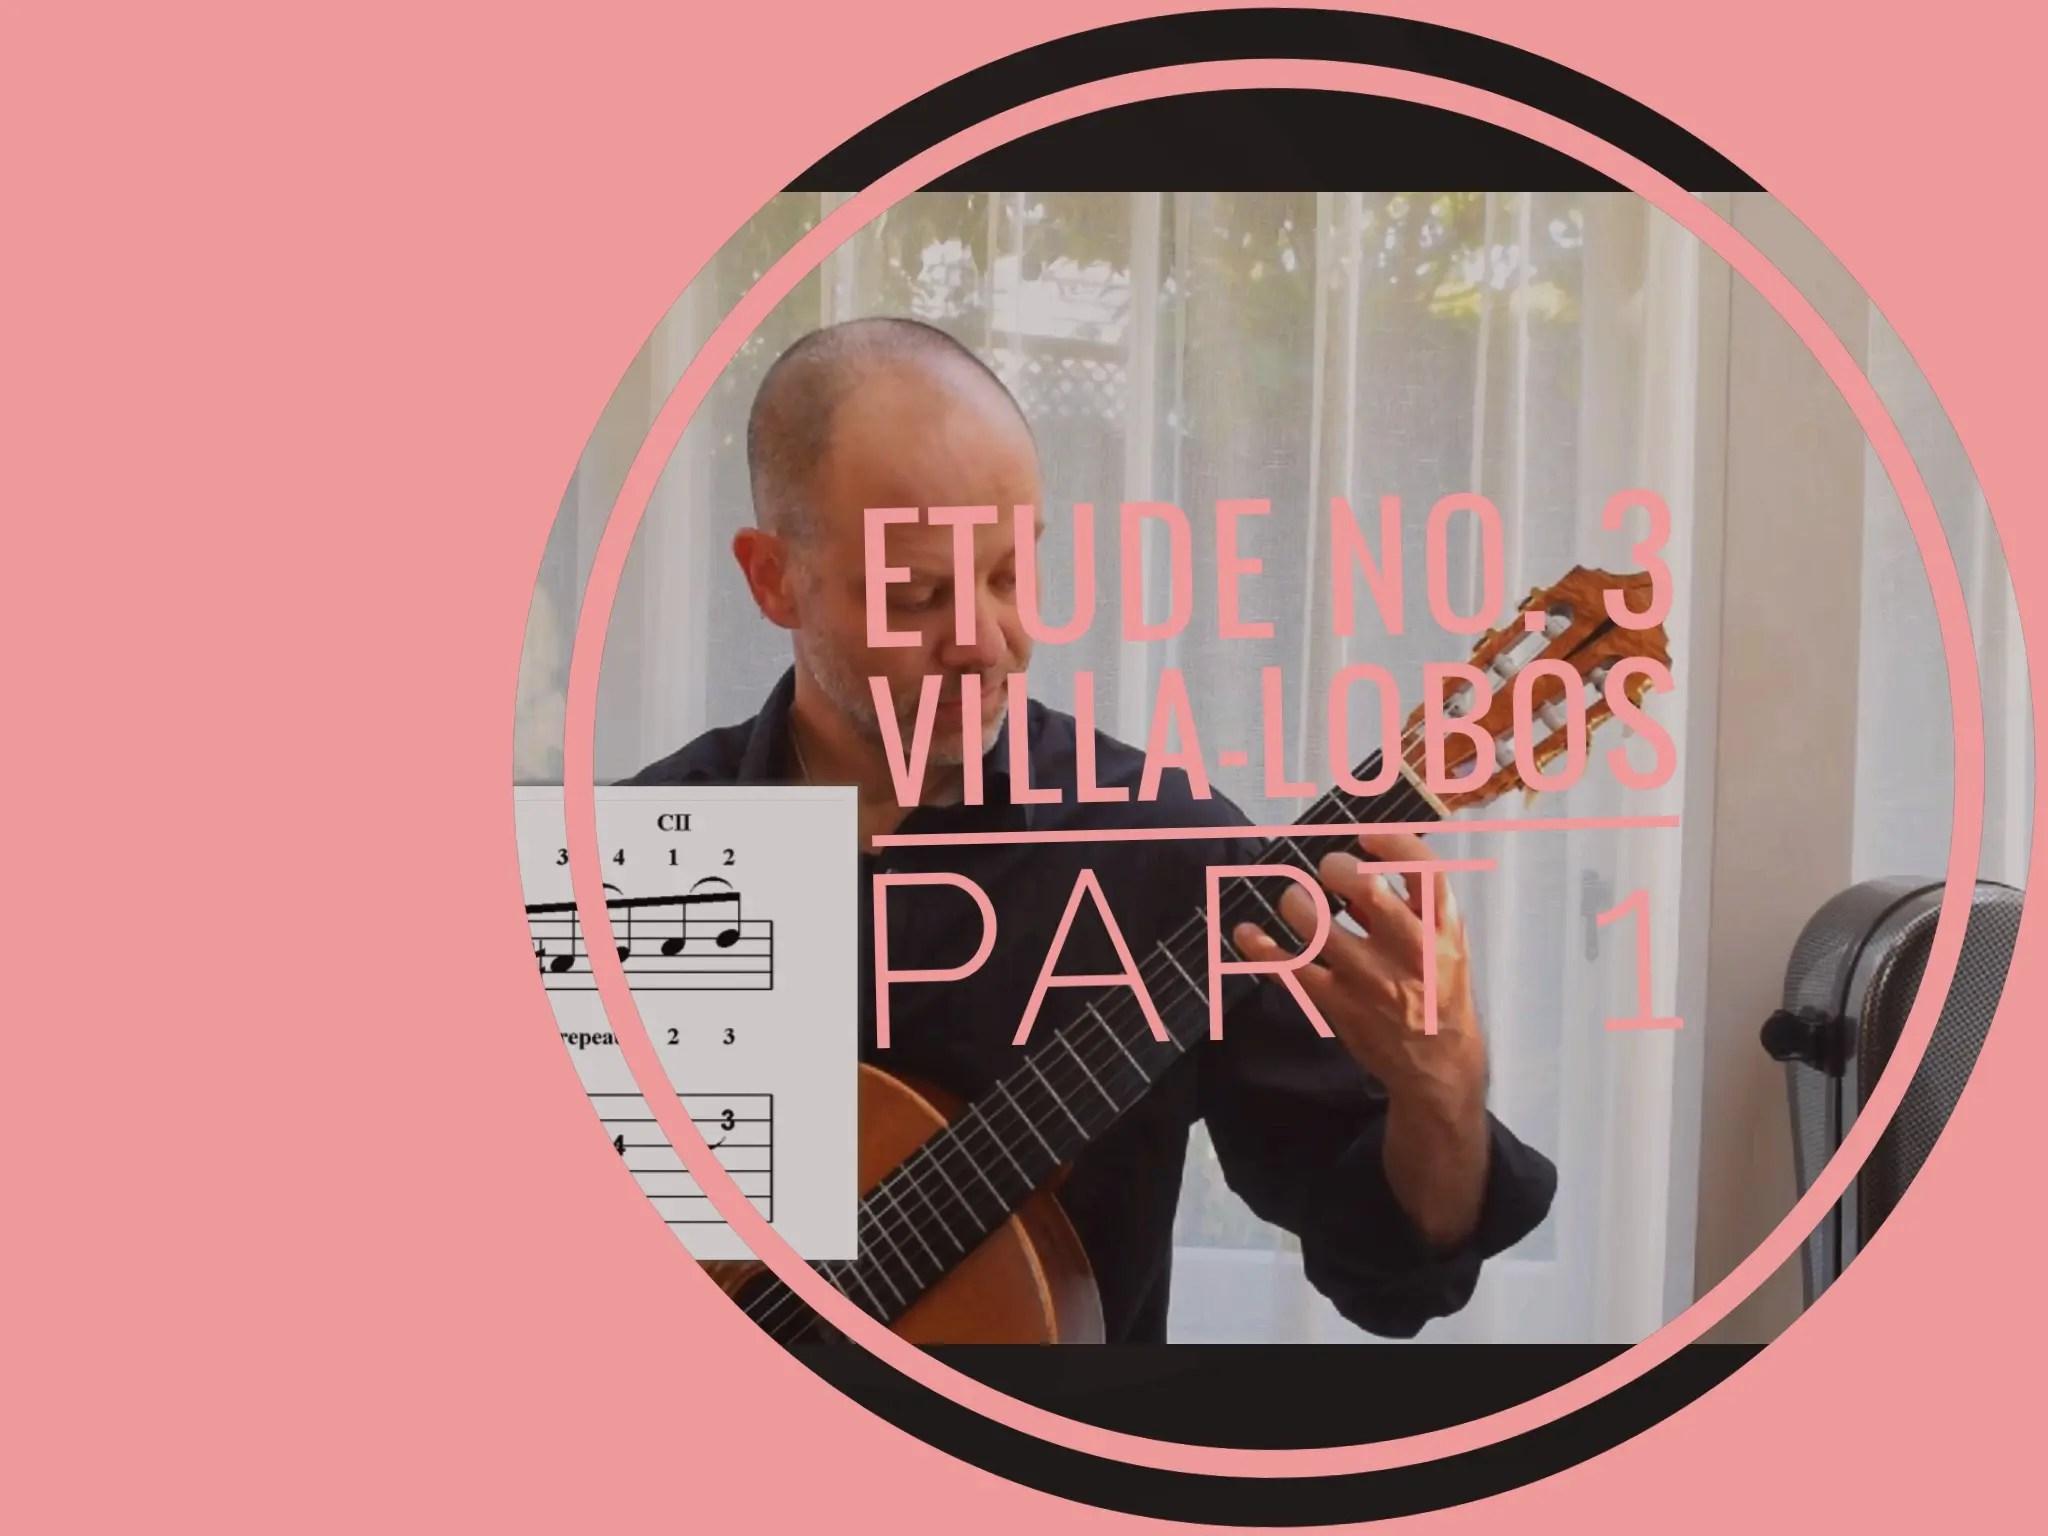 Approaching Etude No. 3 Villa-Lobos